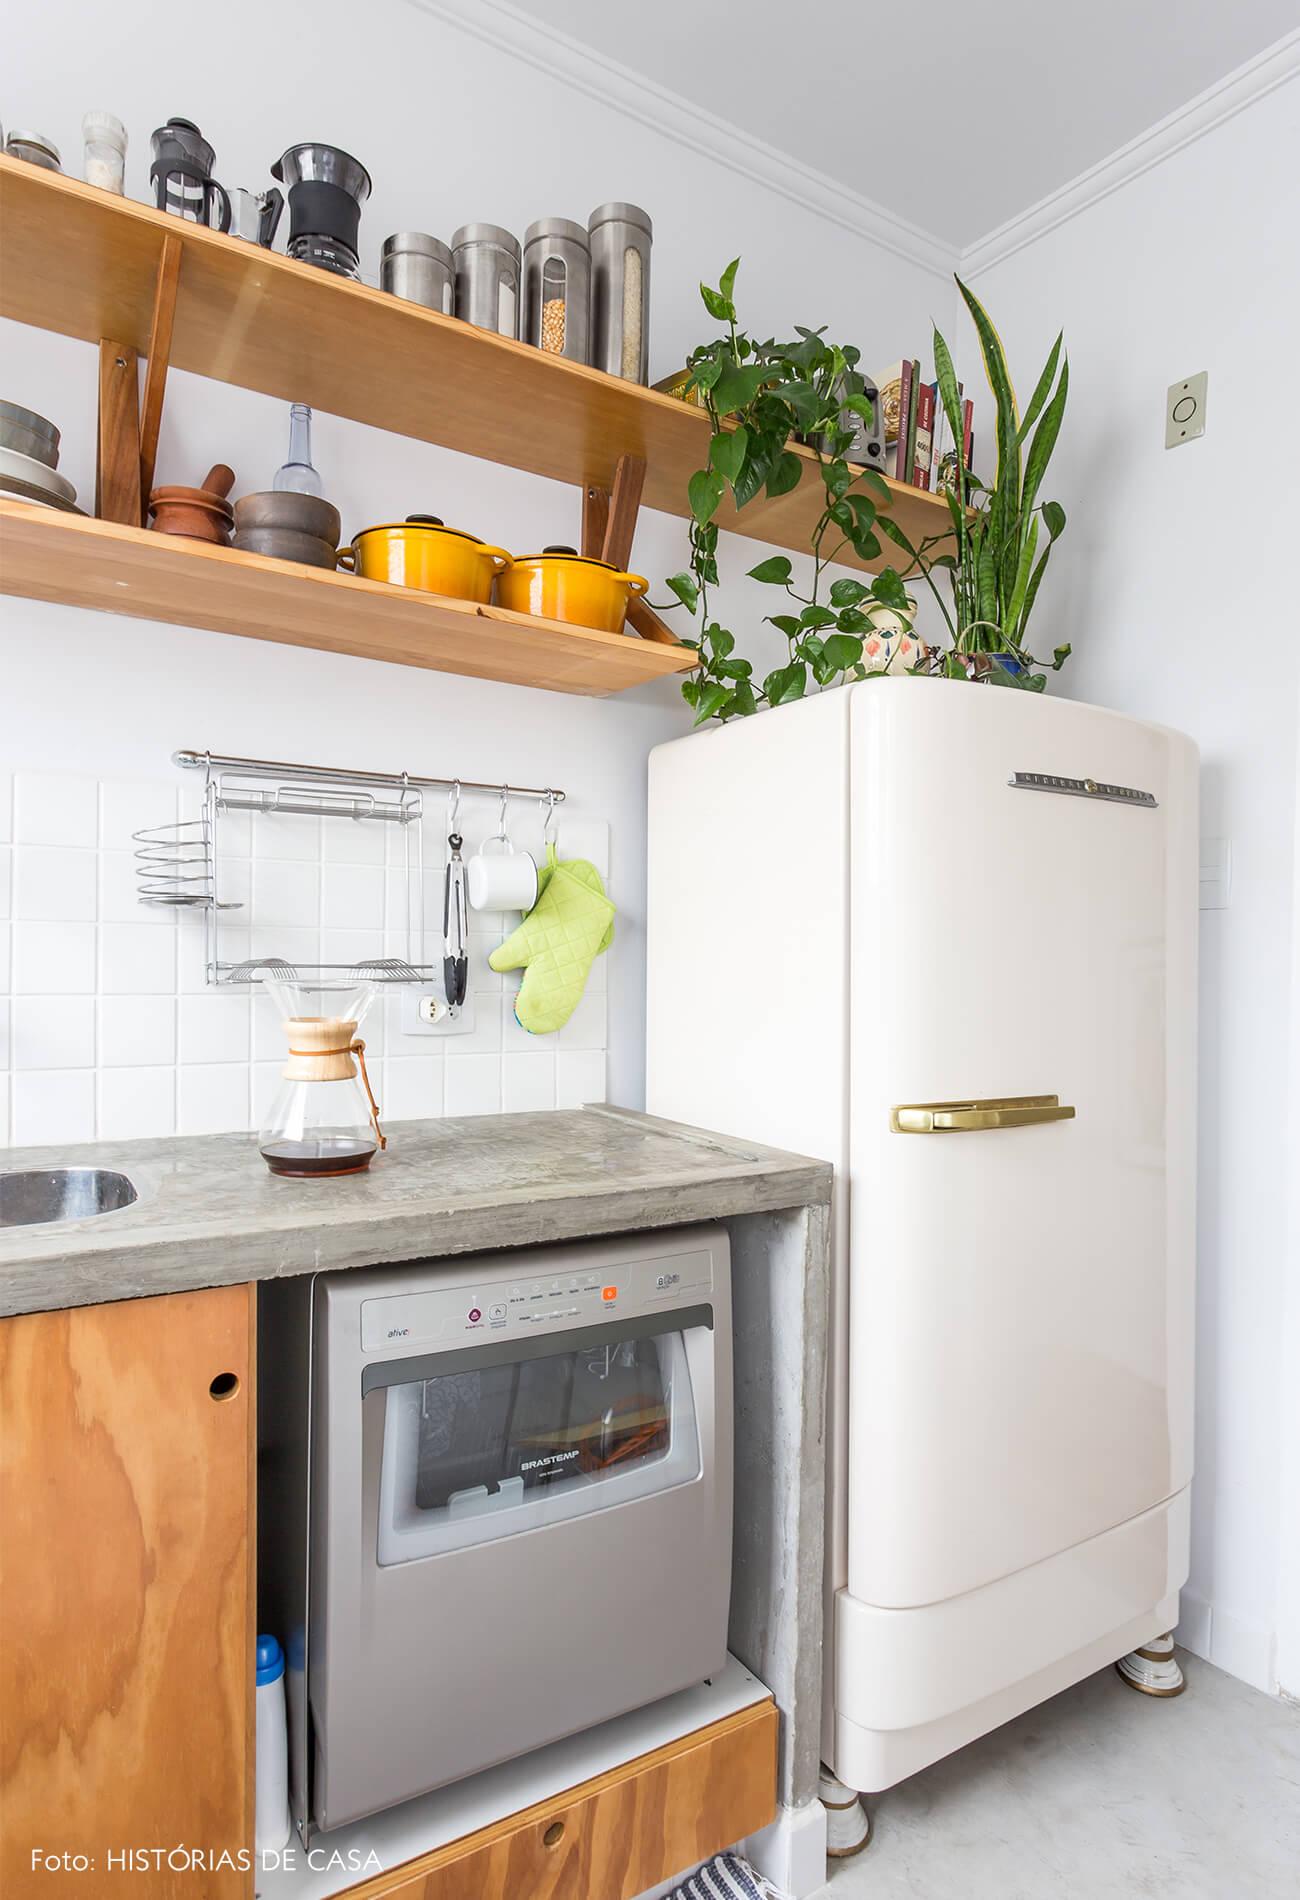 decoração cozinha com armarios de madeira, piso de cimento queimado, e geladeira vintage